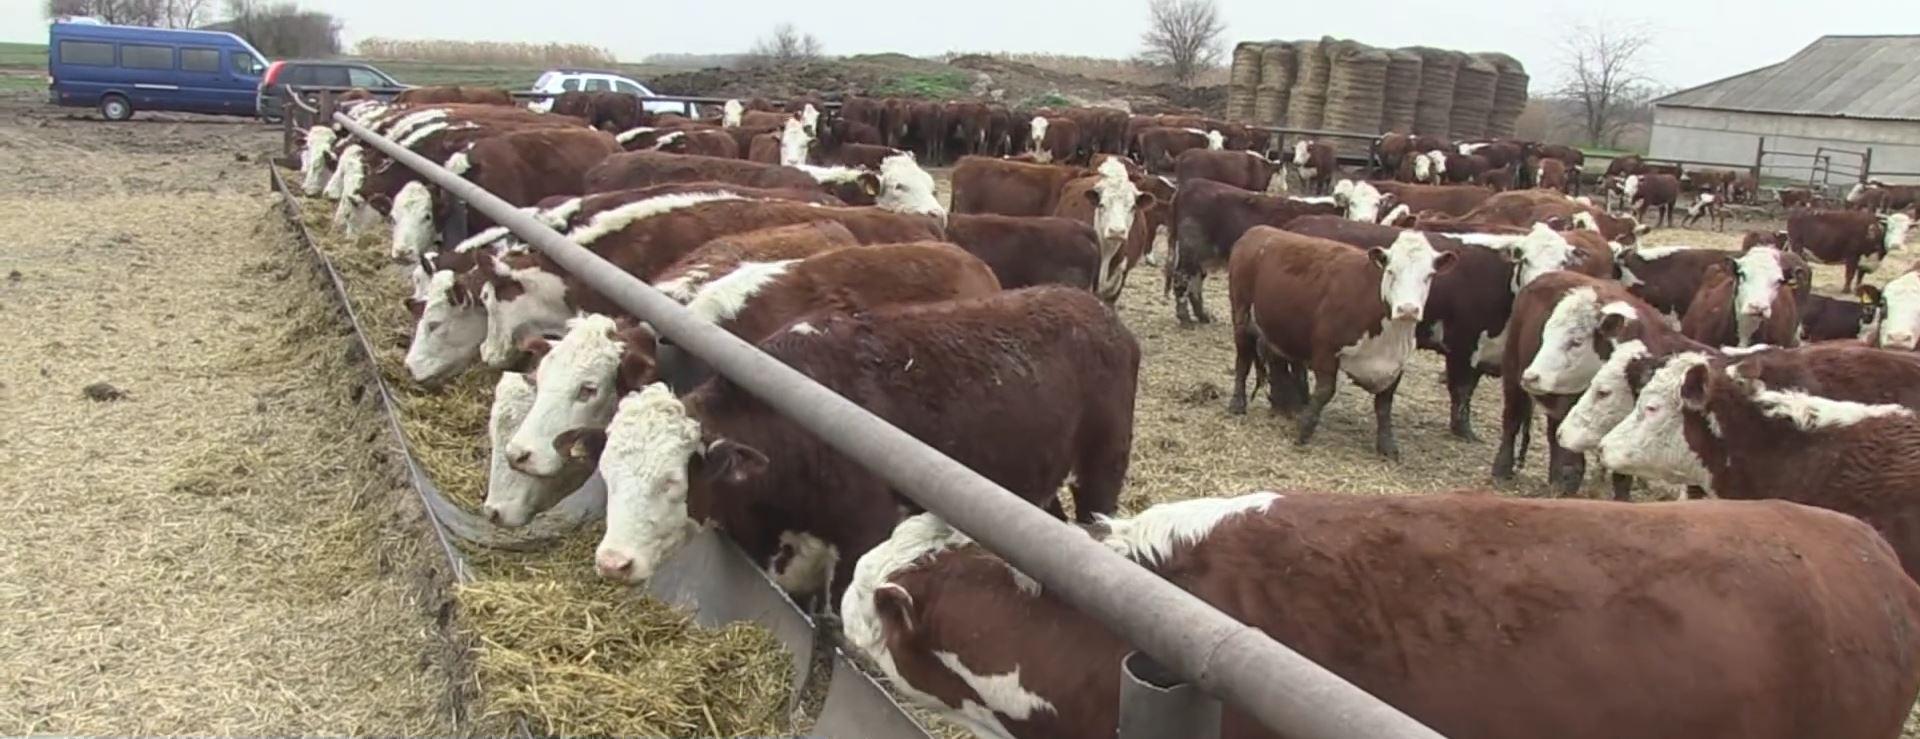 Откорм бычков на мясо в домашних условиях: рацион кормления, как выкормить?